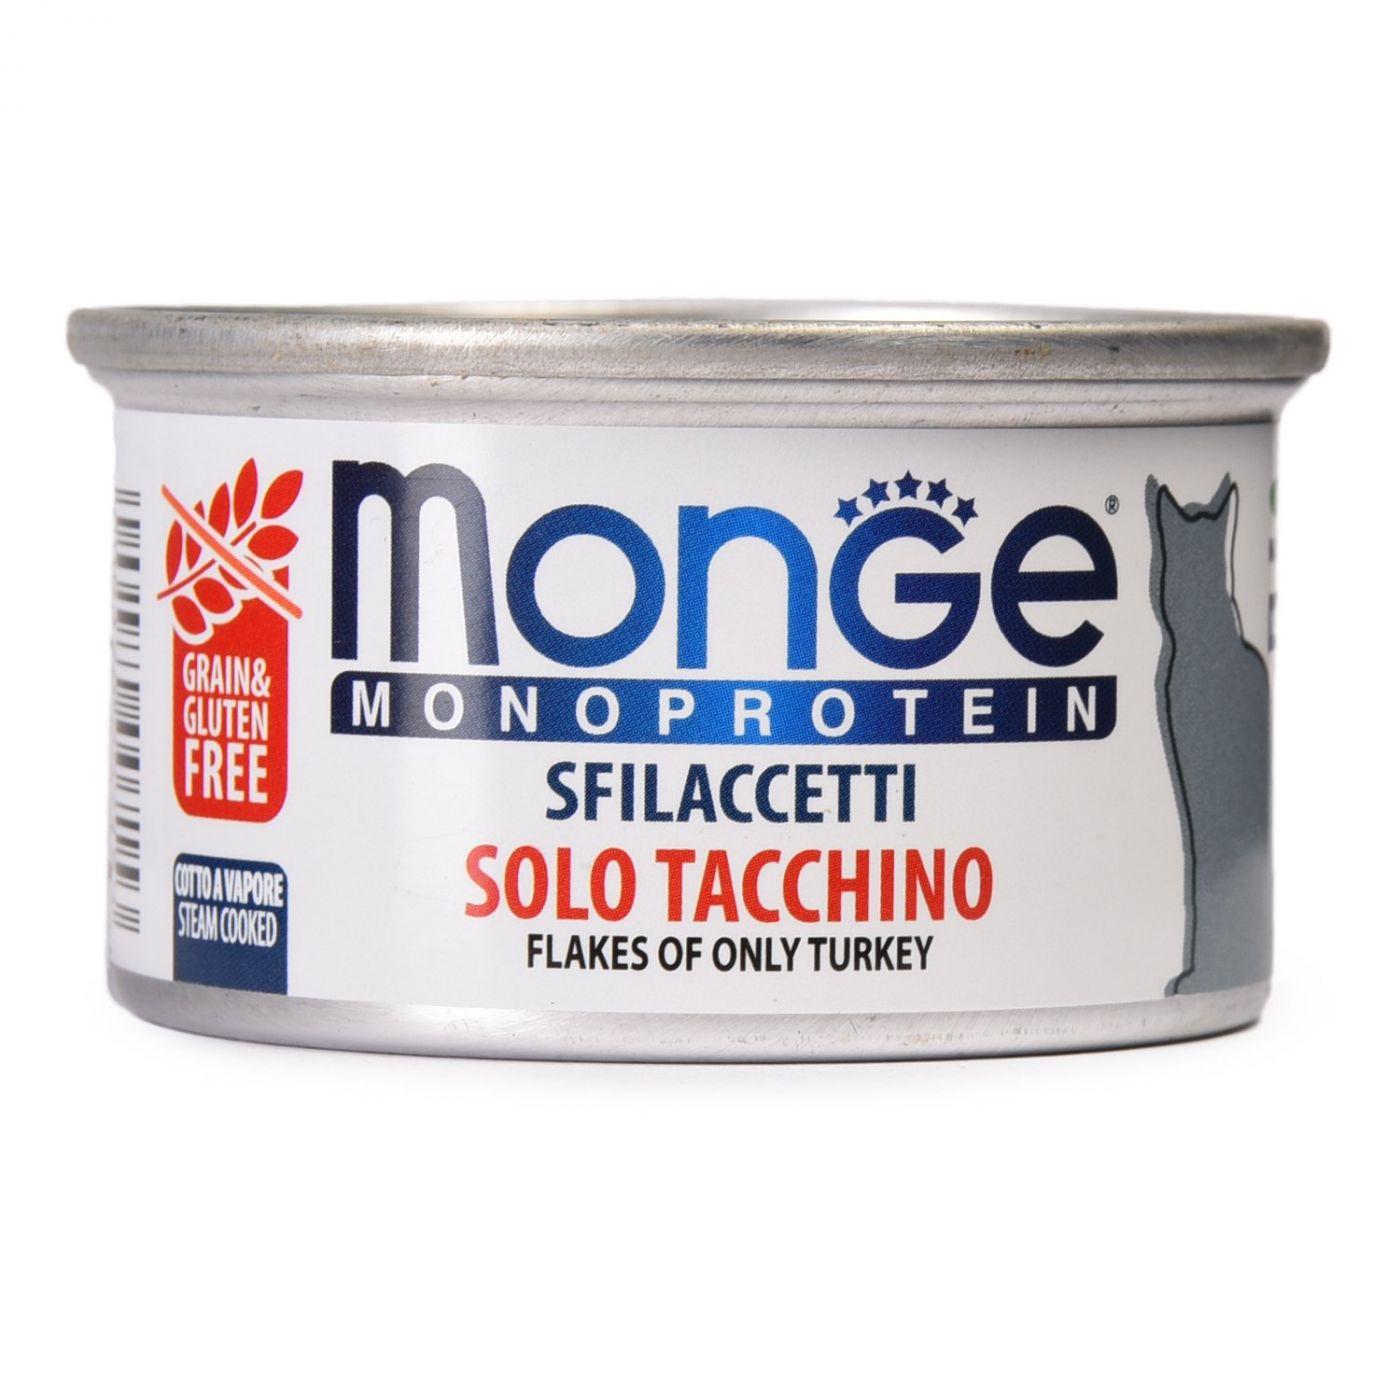 Monge Cat Monoprotein мясные хлопья для кошек из индейки 80 гр.